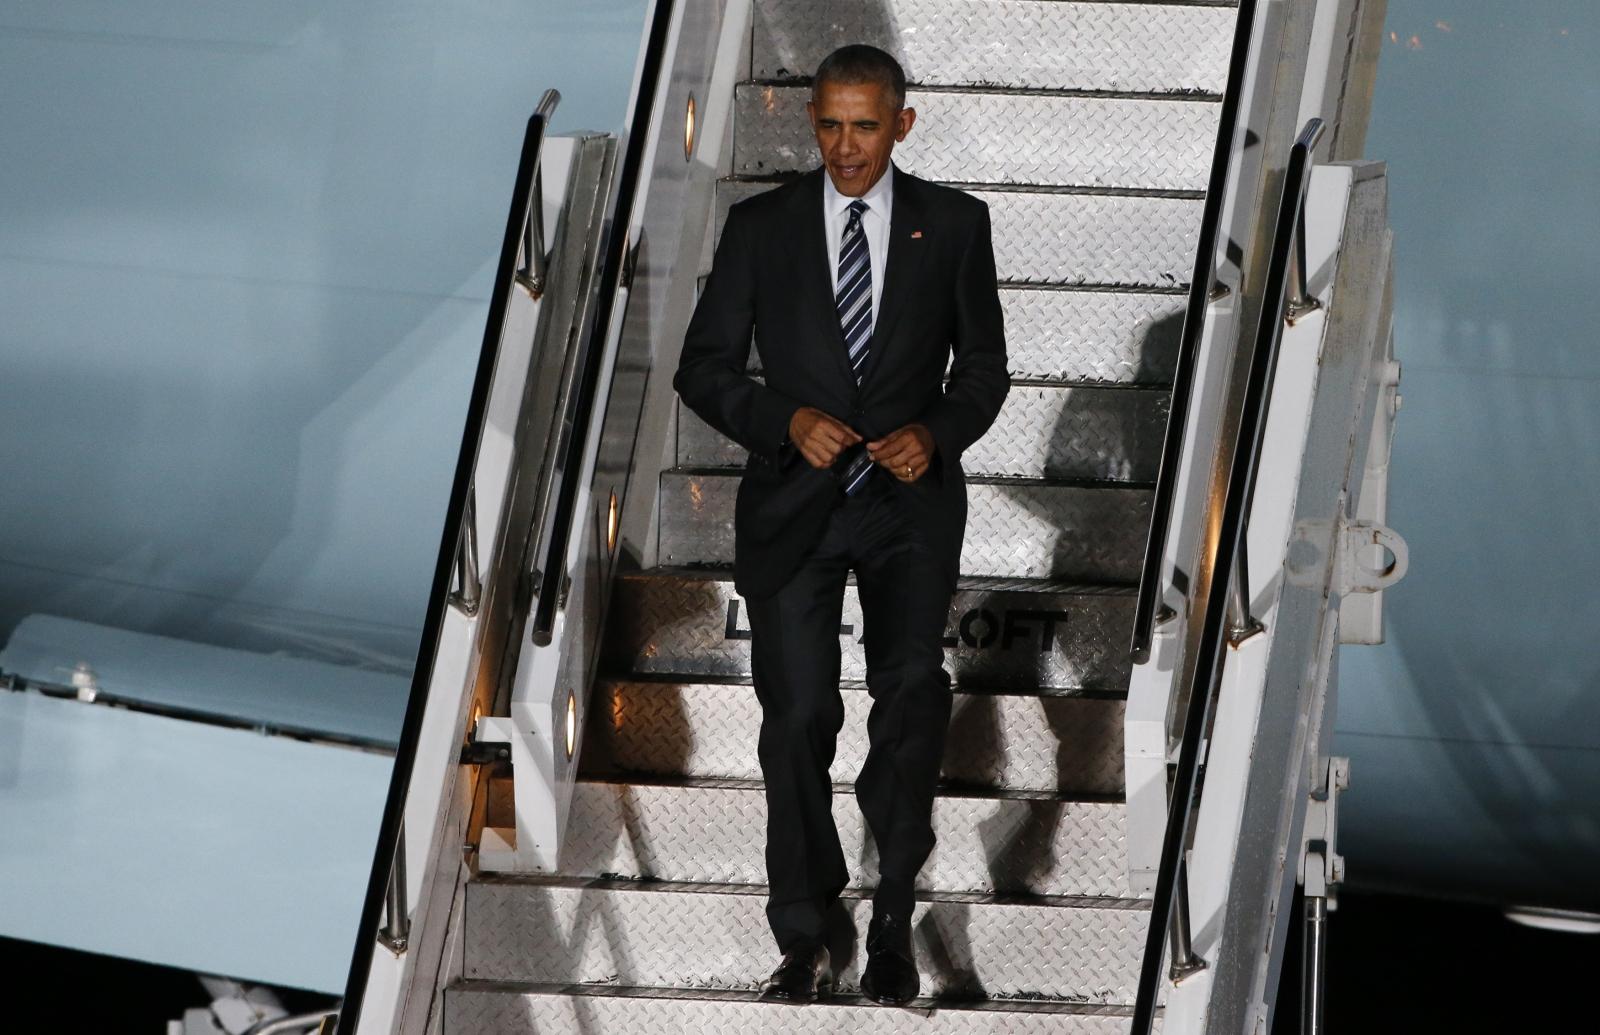 Barack Obama in Berlin